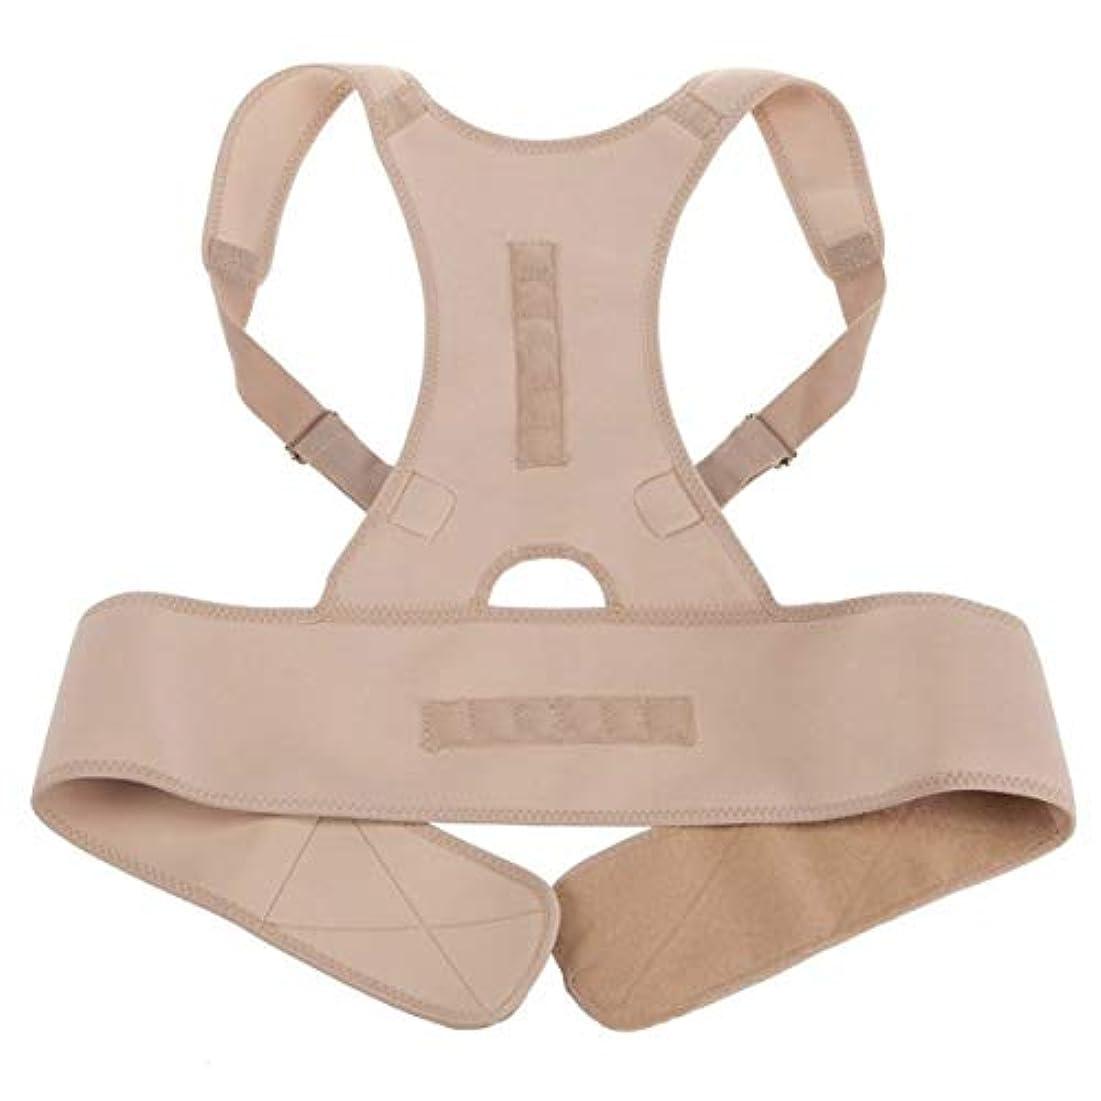 おとなしい邪魔コショウネオプレン磁気姿勢補正機能バッドバックランバーショルダーサポート腰痛ブレースバンドベルトユニセックス快適な着用 - 肌の色L/XL